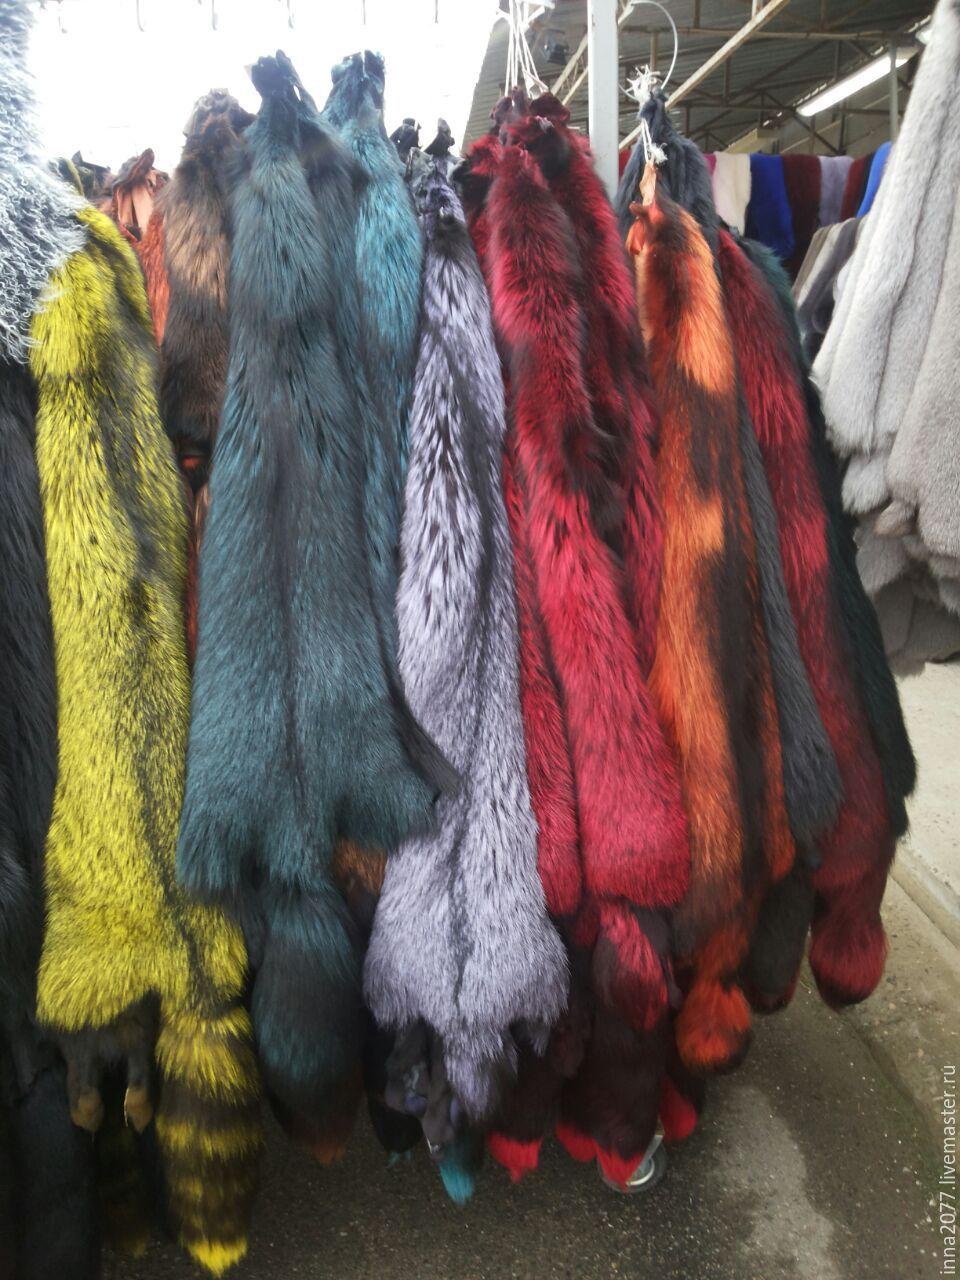 Финская верхняя женская одежда купить